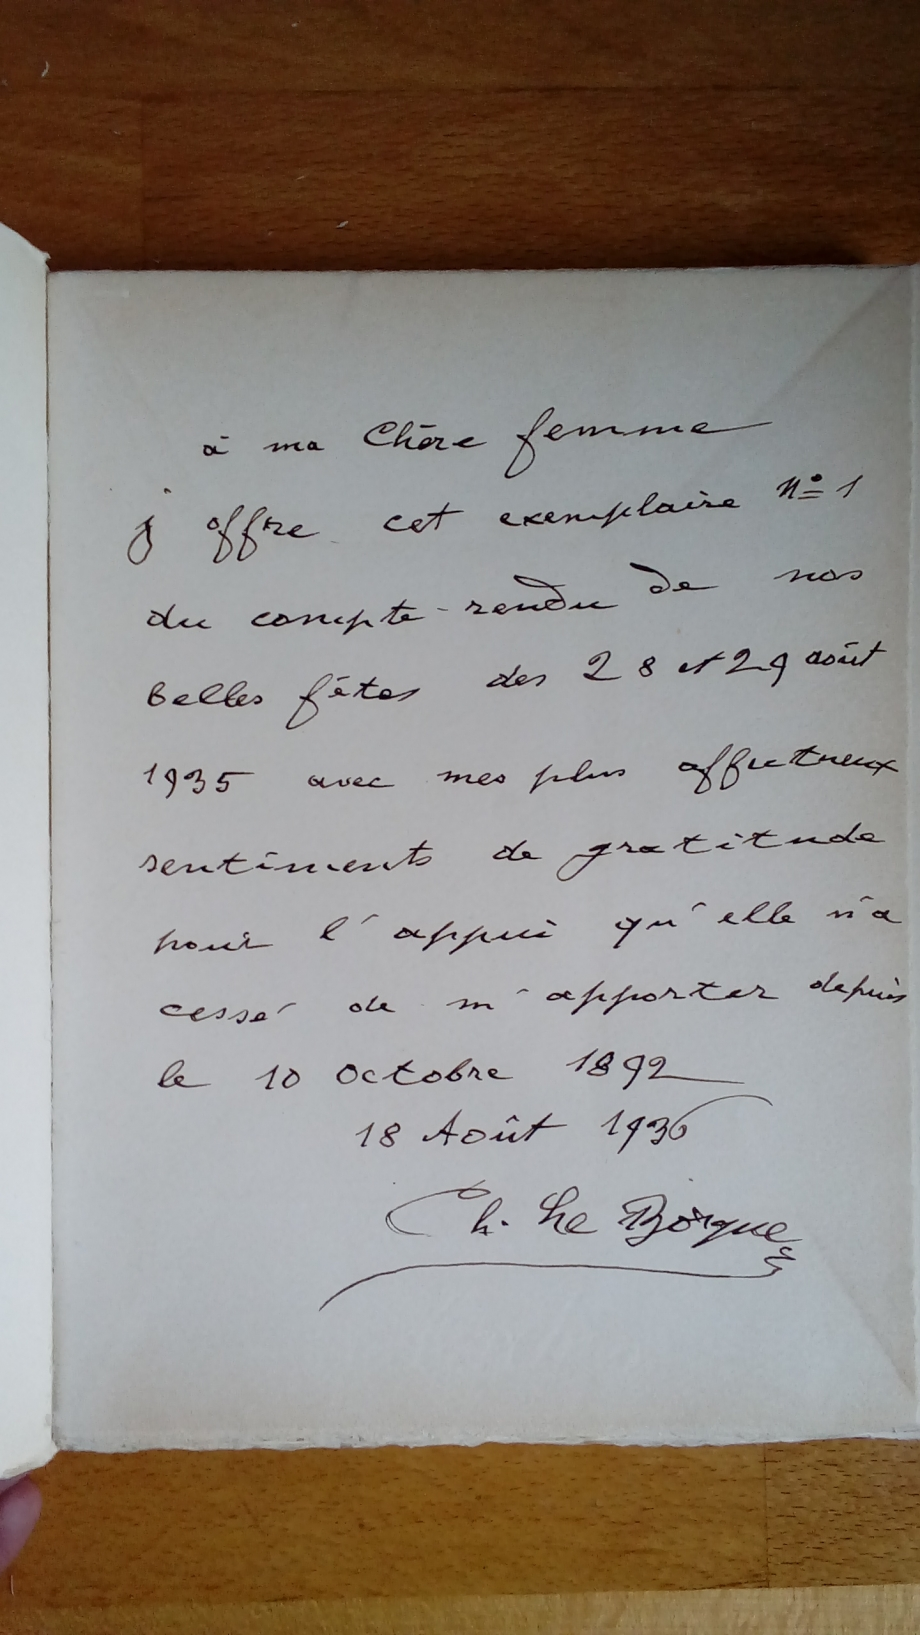 Dédicace livret 200ème anniversaire CLB par M. Charles.jpg